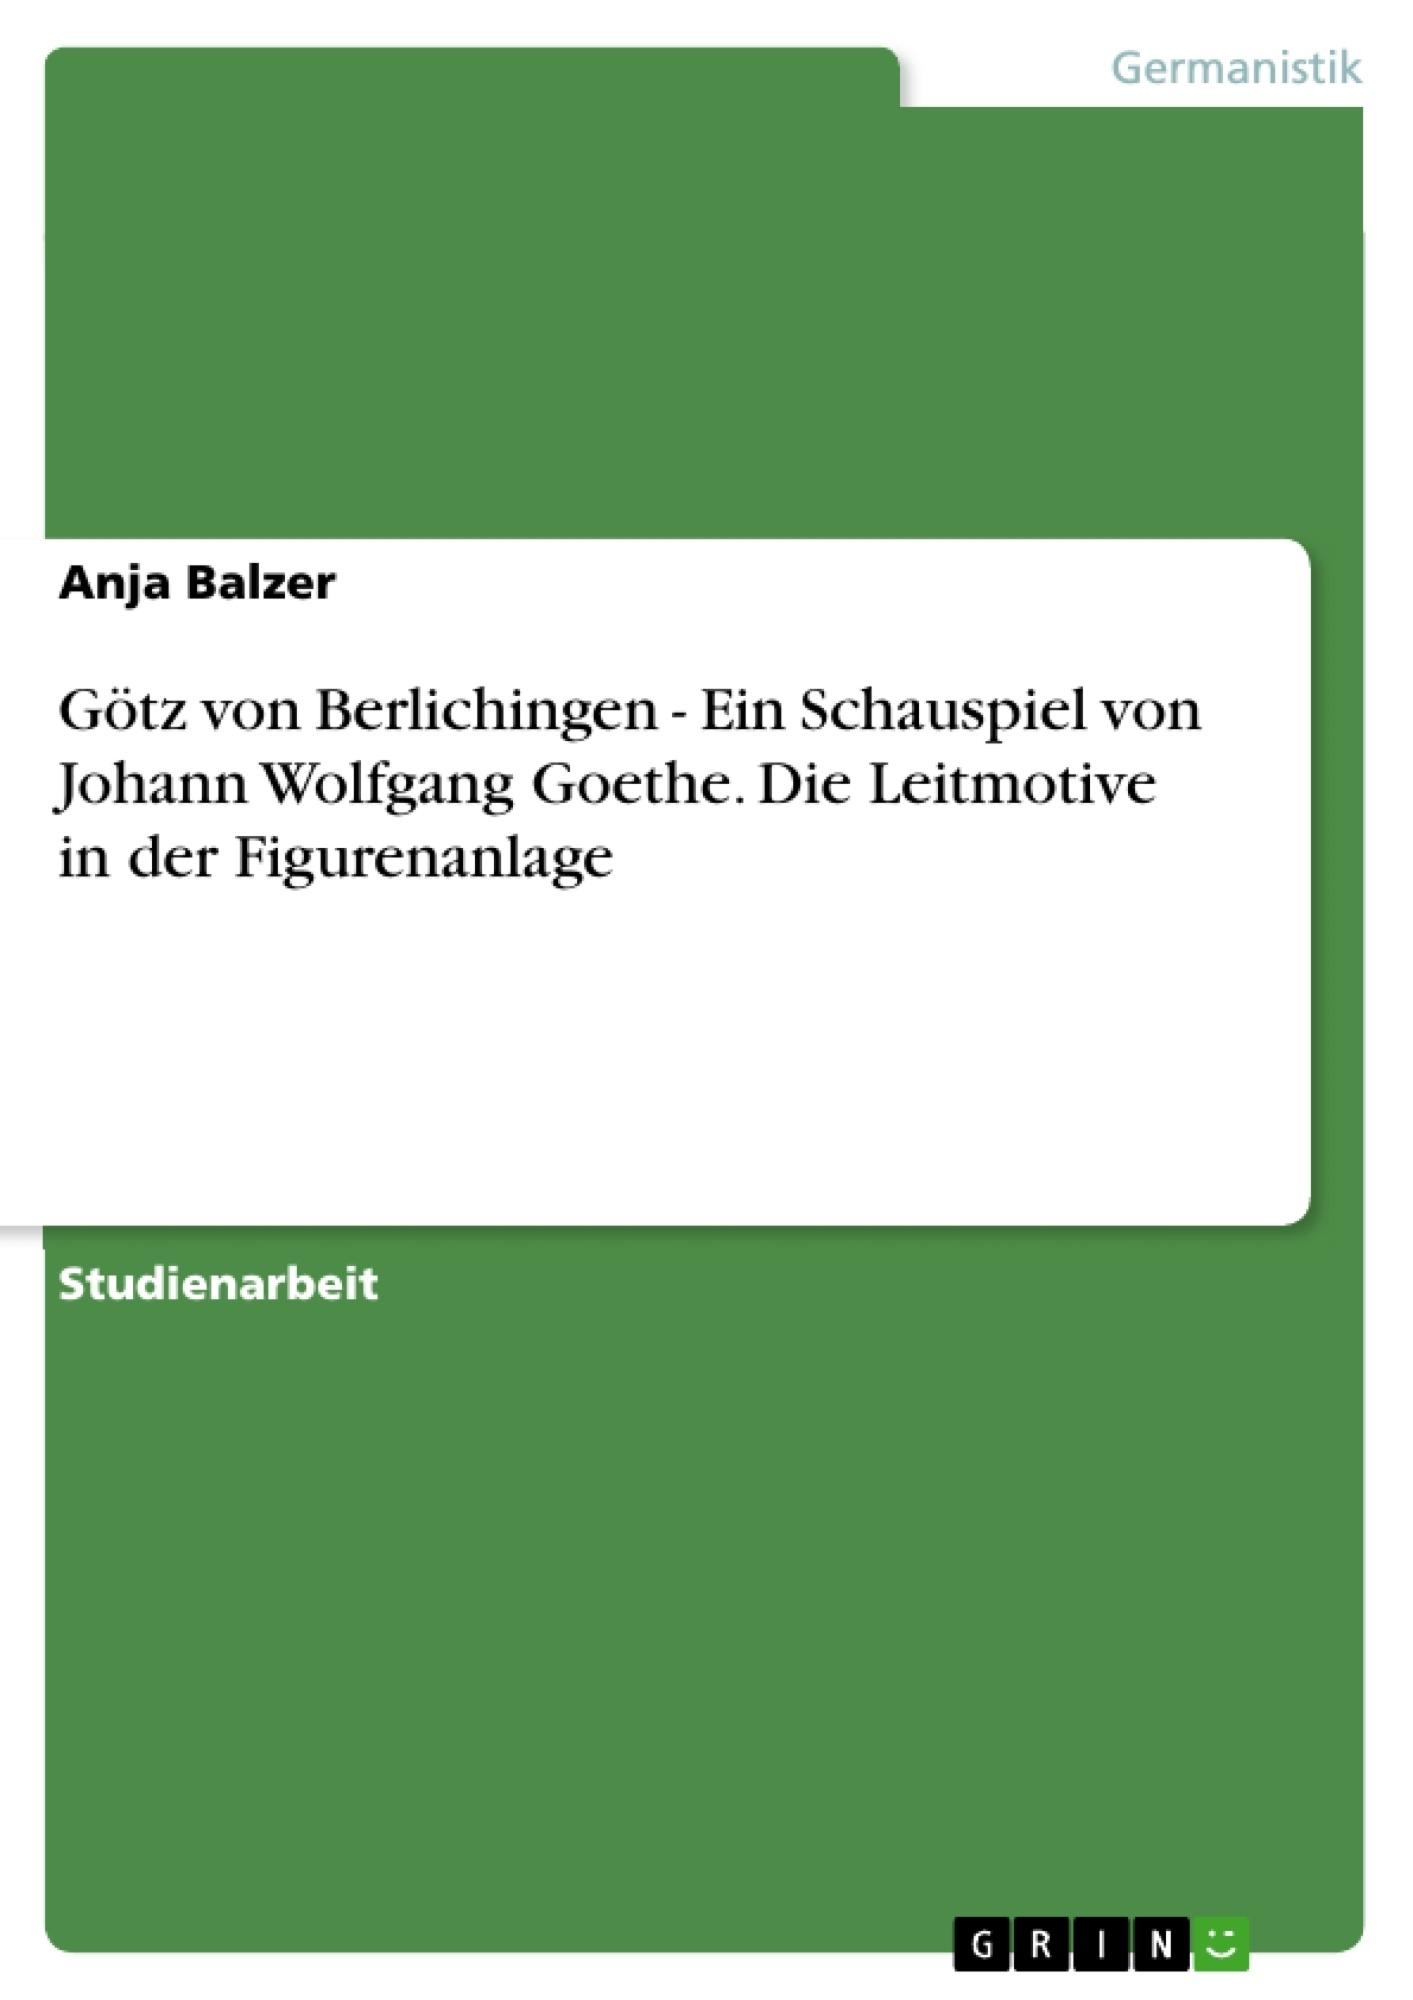 Titel: Götz von Berlichingen - Ein Schauspiel von Johann Wolfgang Goethe. Die Leitmotive in der Figurenanlage